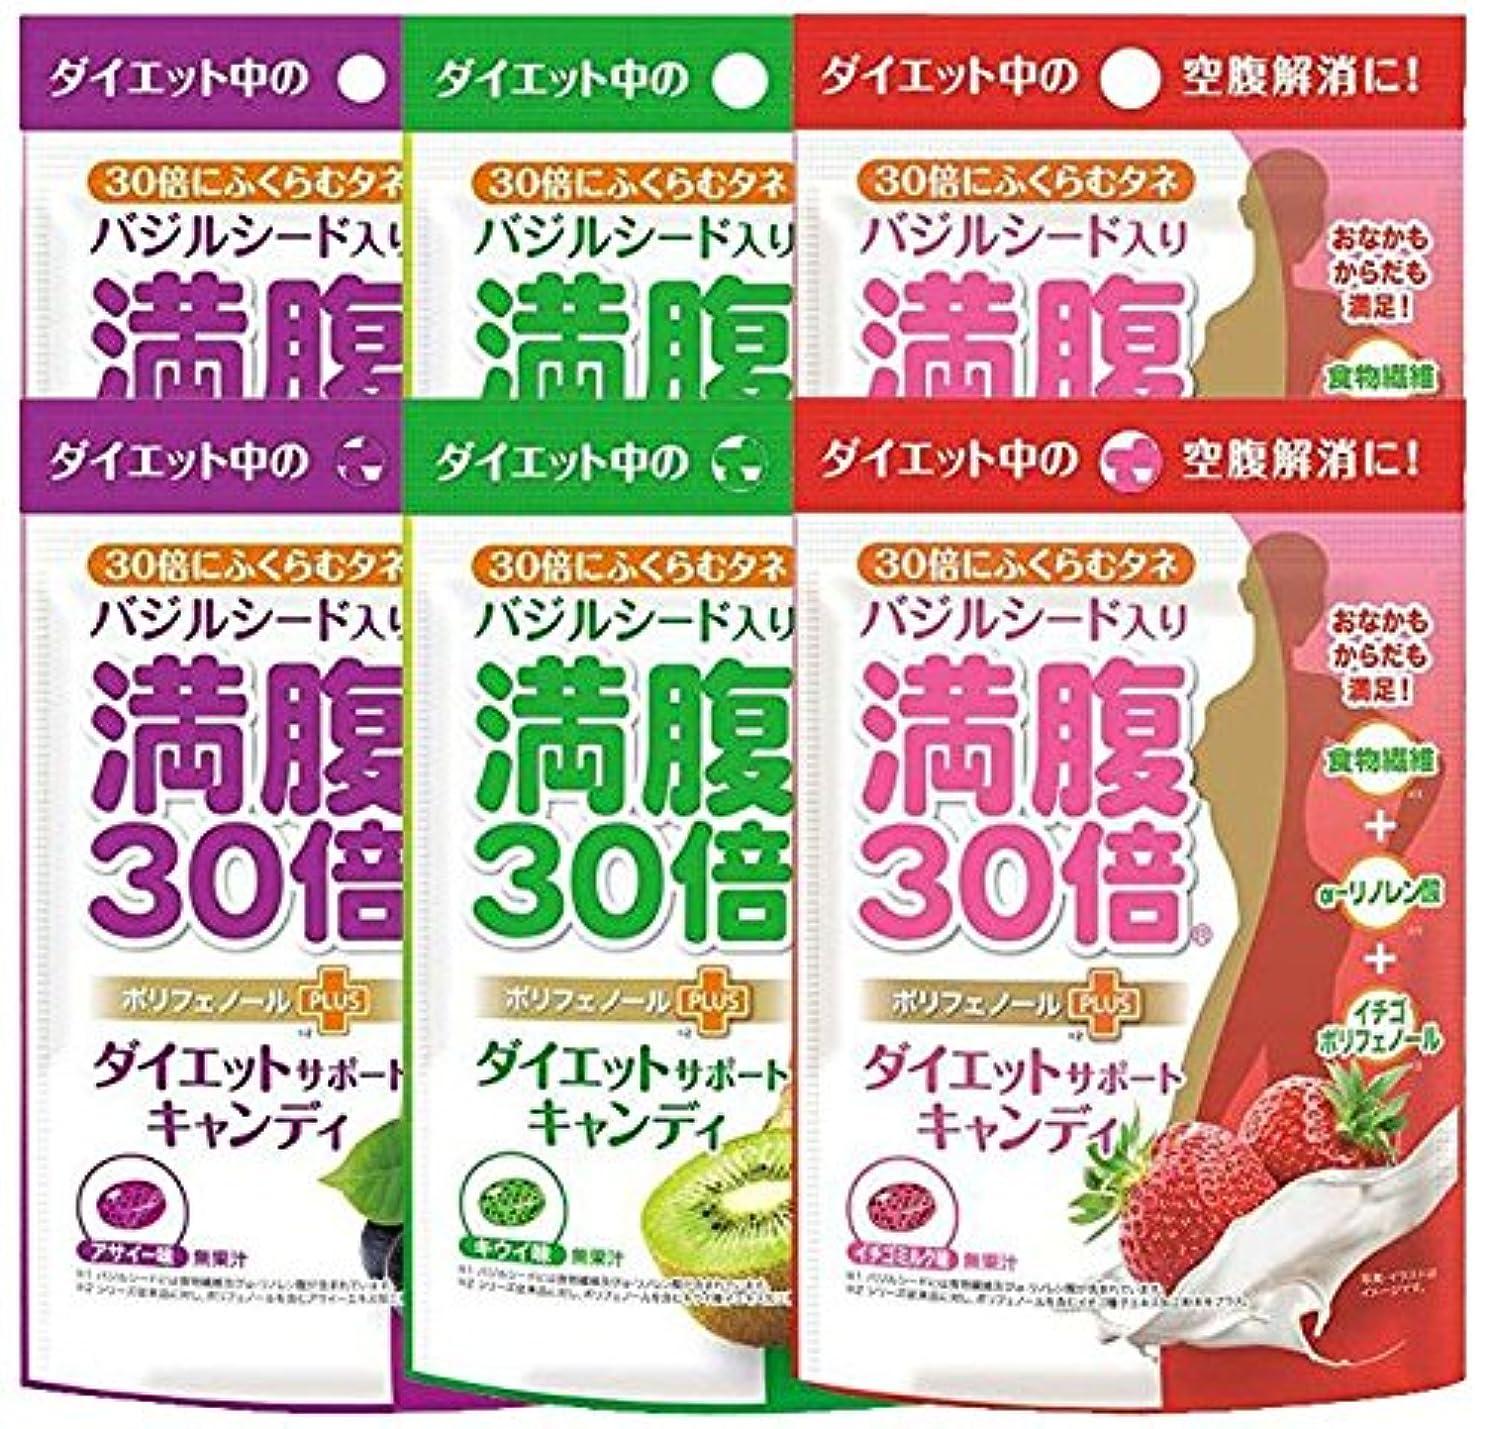 エミュレートするちっちゃい資格満腹30倍 ダイエットサポートキャンディ 3種アソート( アサイー キウイ イチゴミルク 各2袋) 6袋